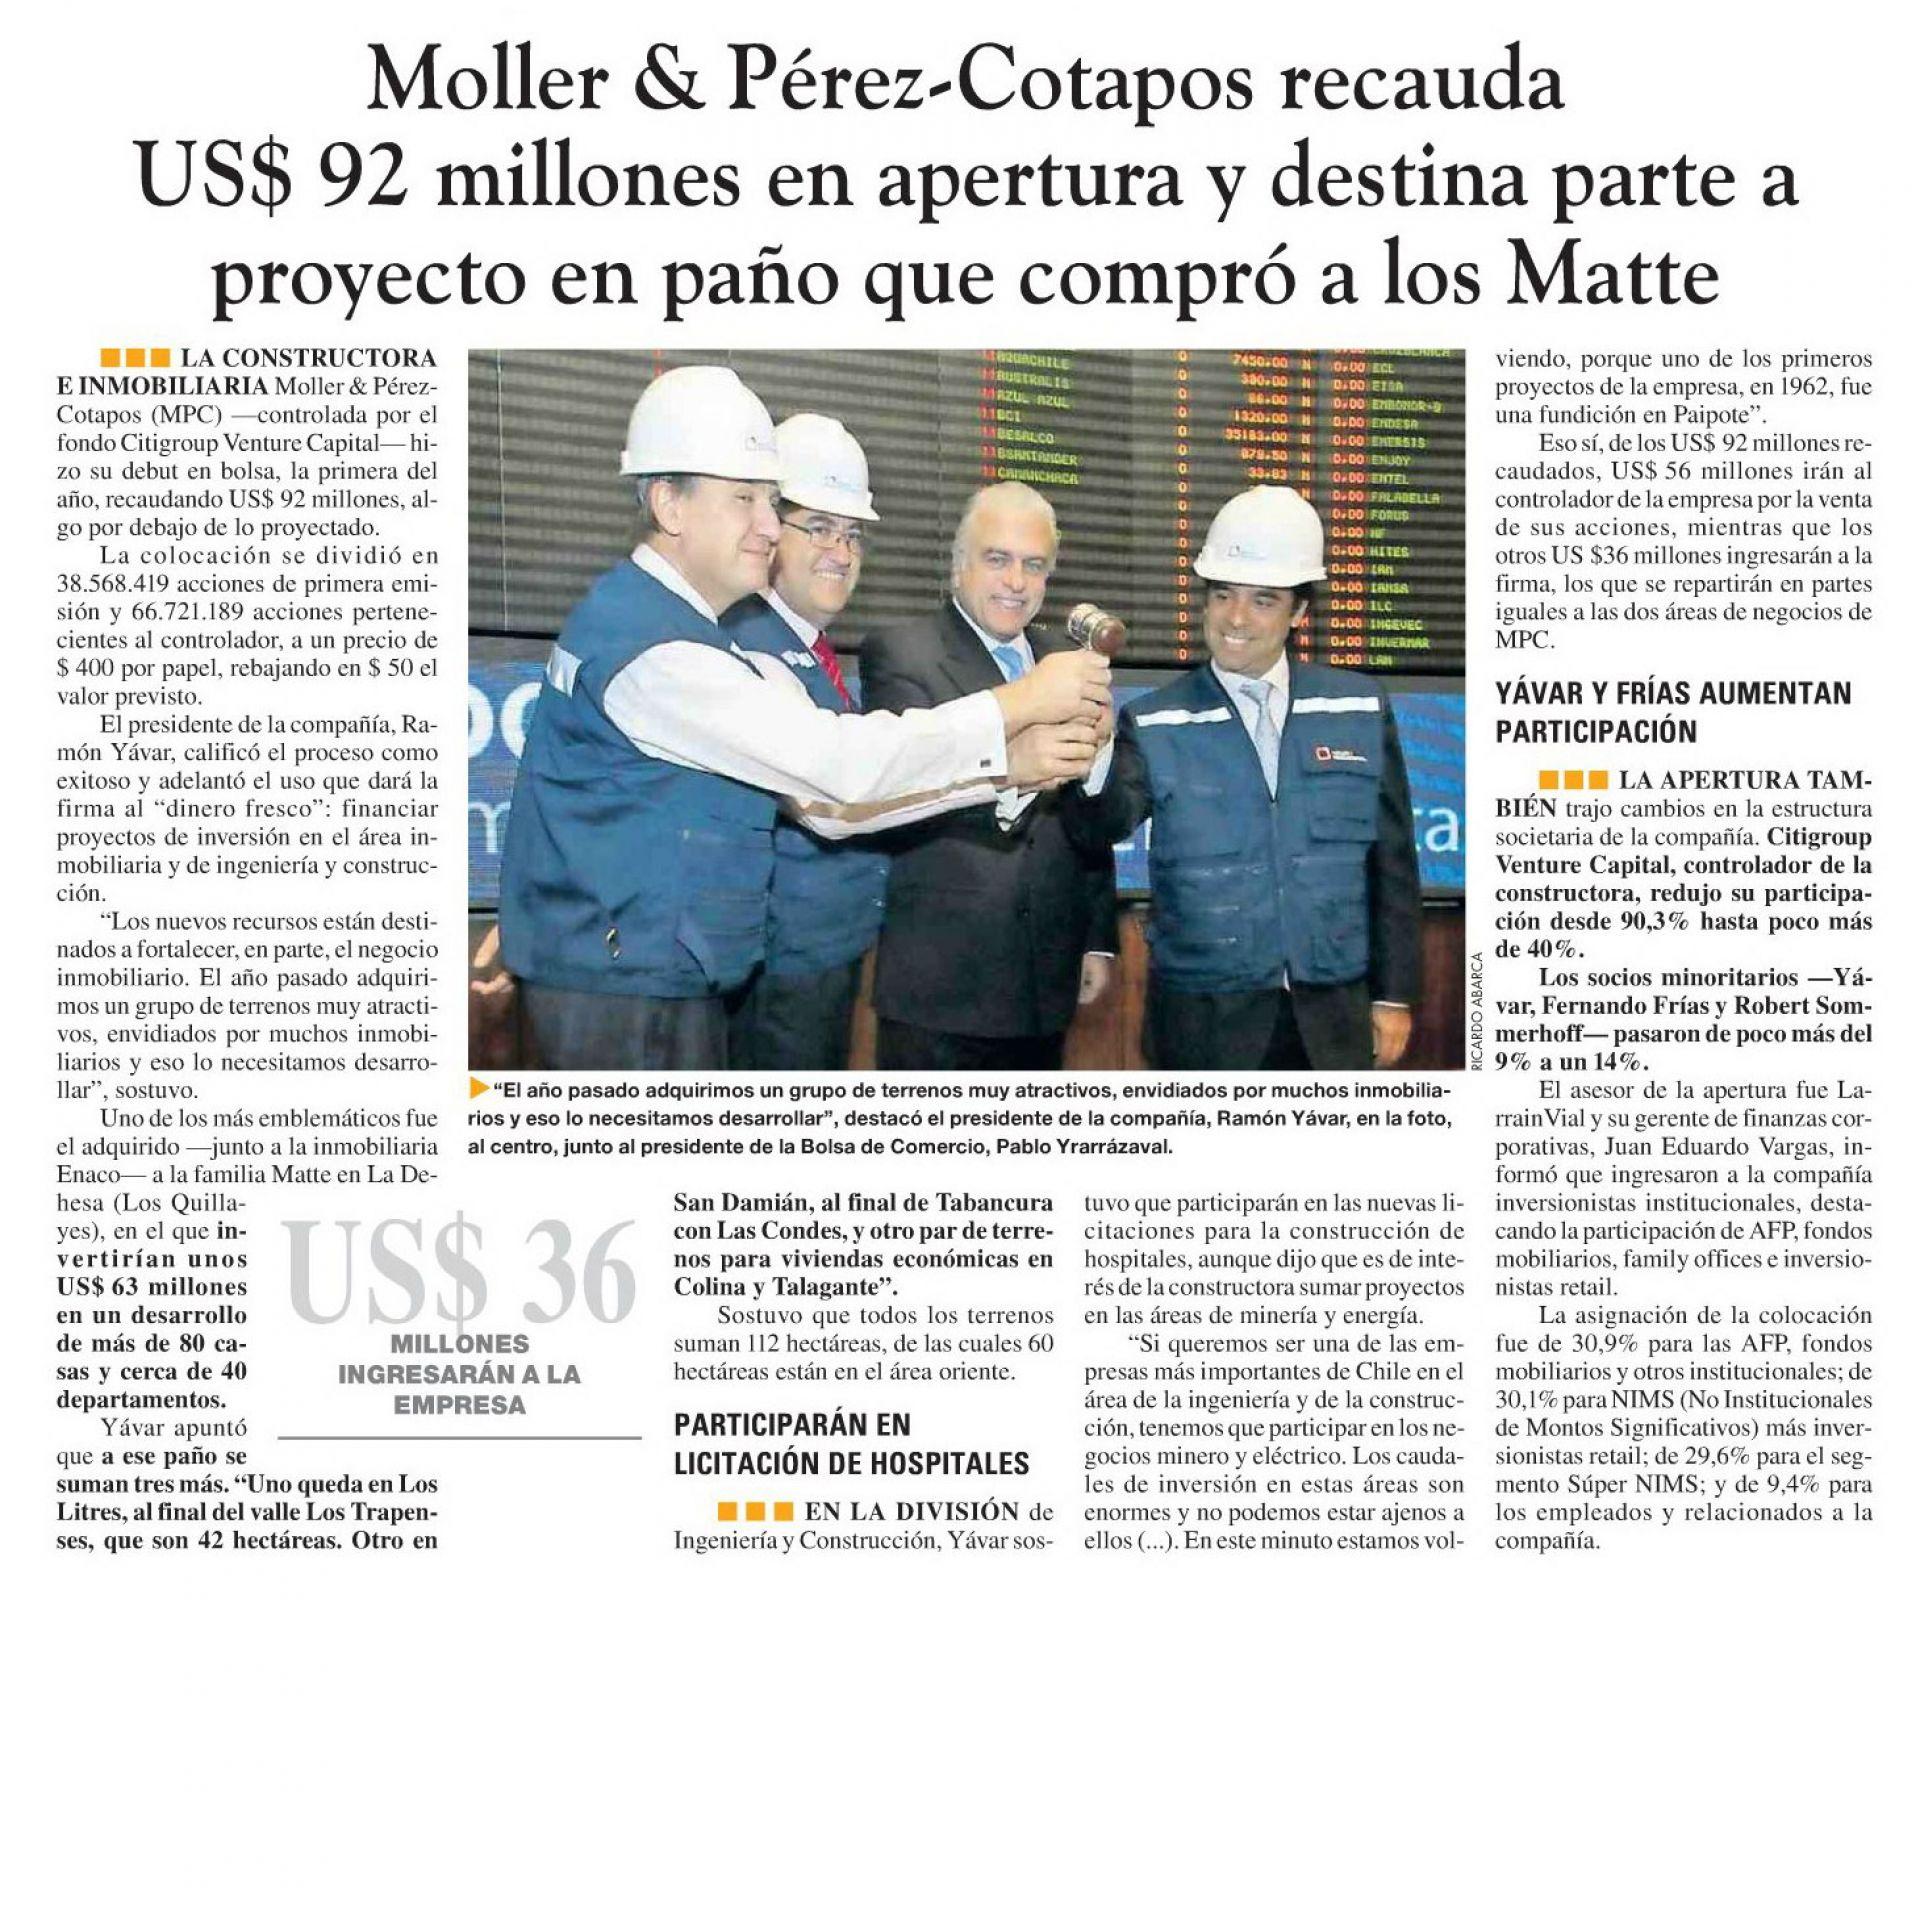 Moller & Pérez Cotapos recauda US$ 92 millones en la apertura y destina parte a proyecto en paño que compró a los Matte